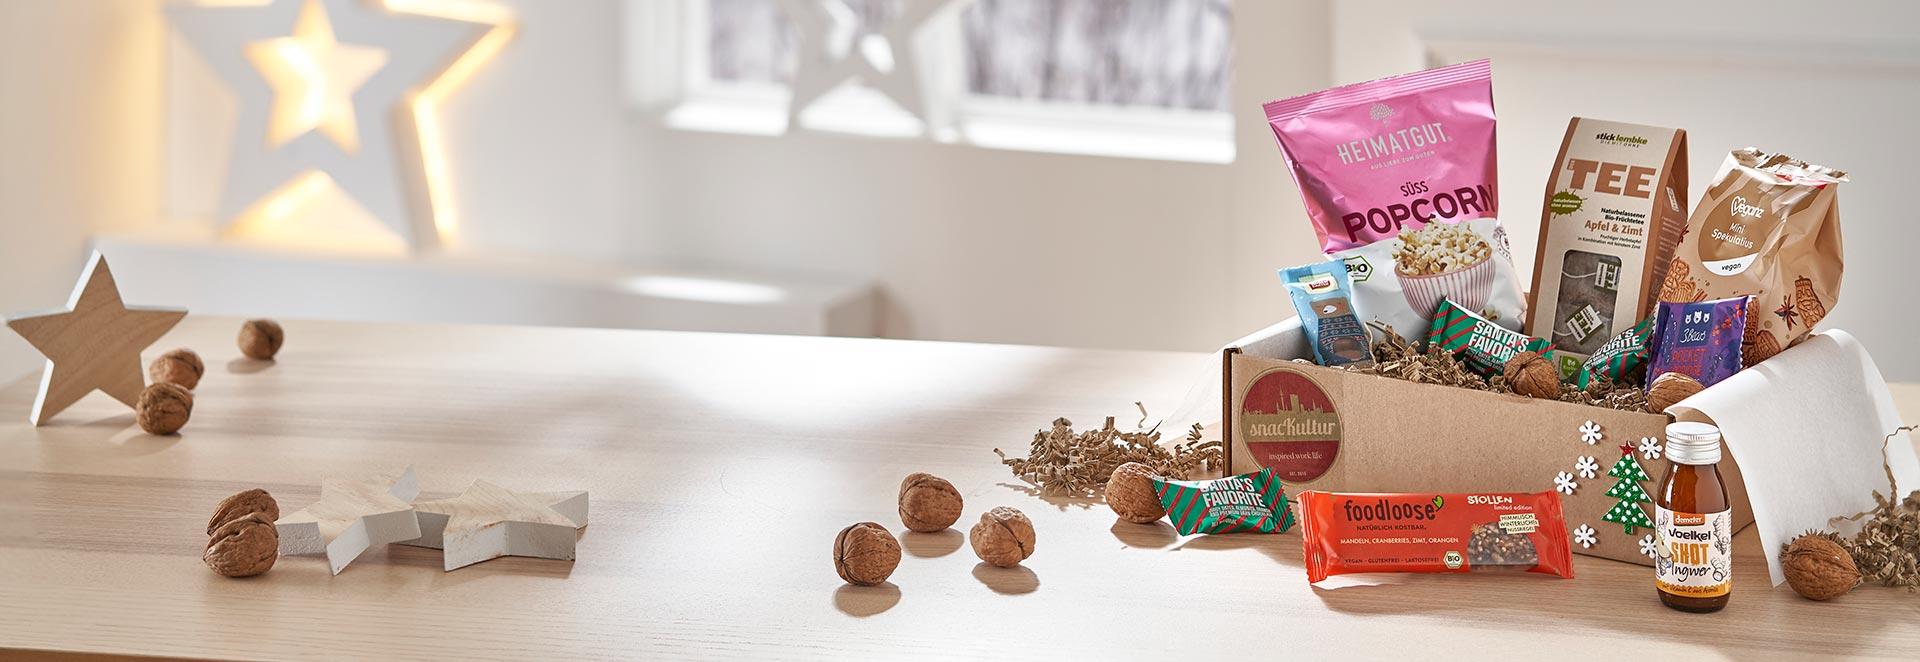 snacKultur - gesunde Snackboxen zu Weihnachten